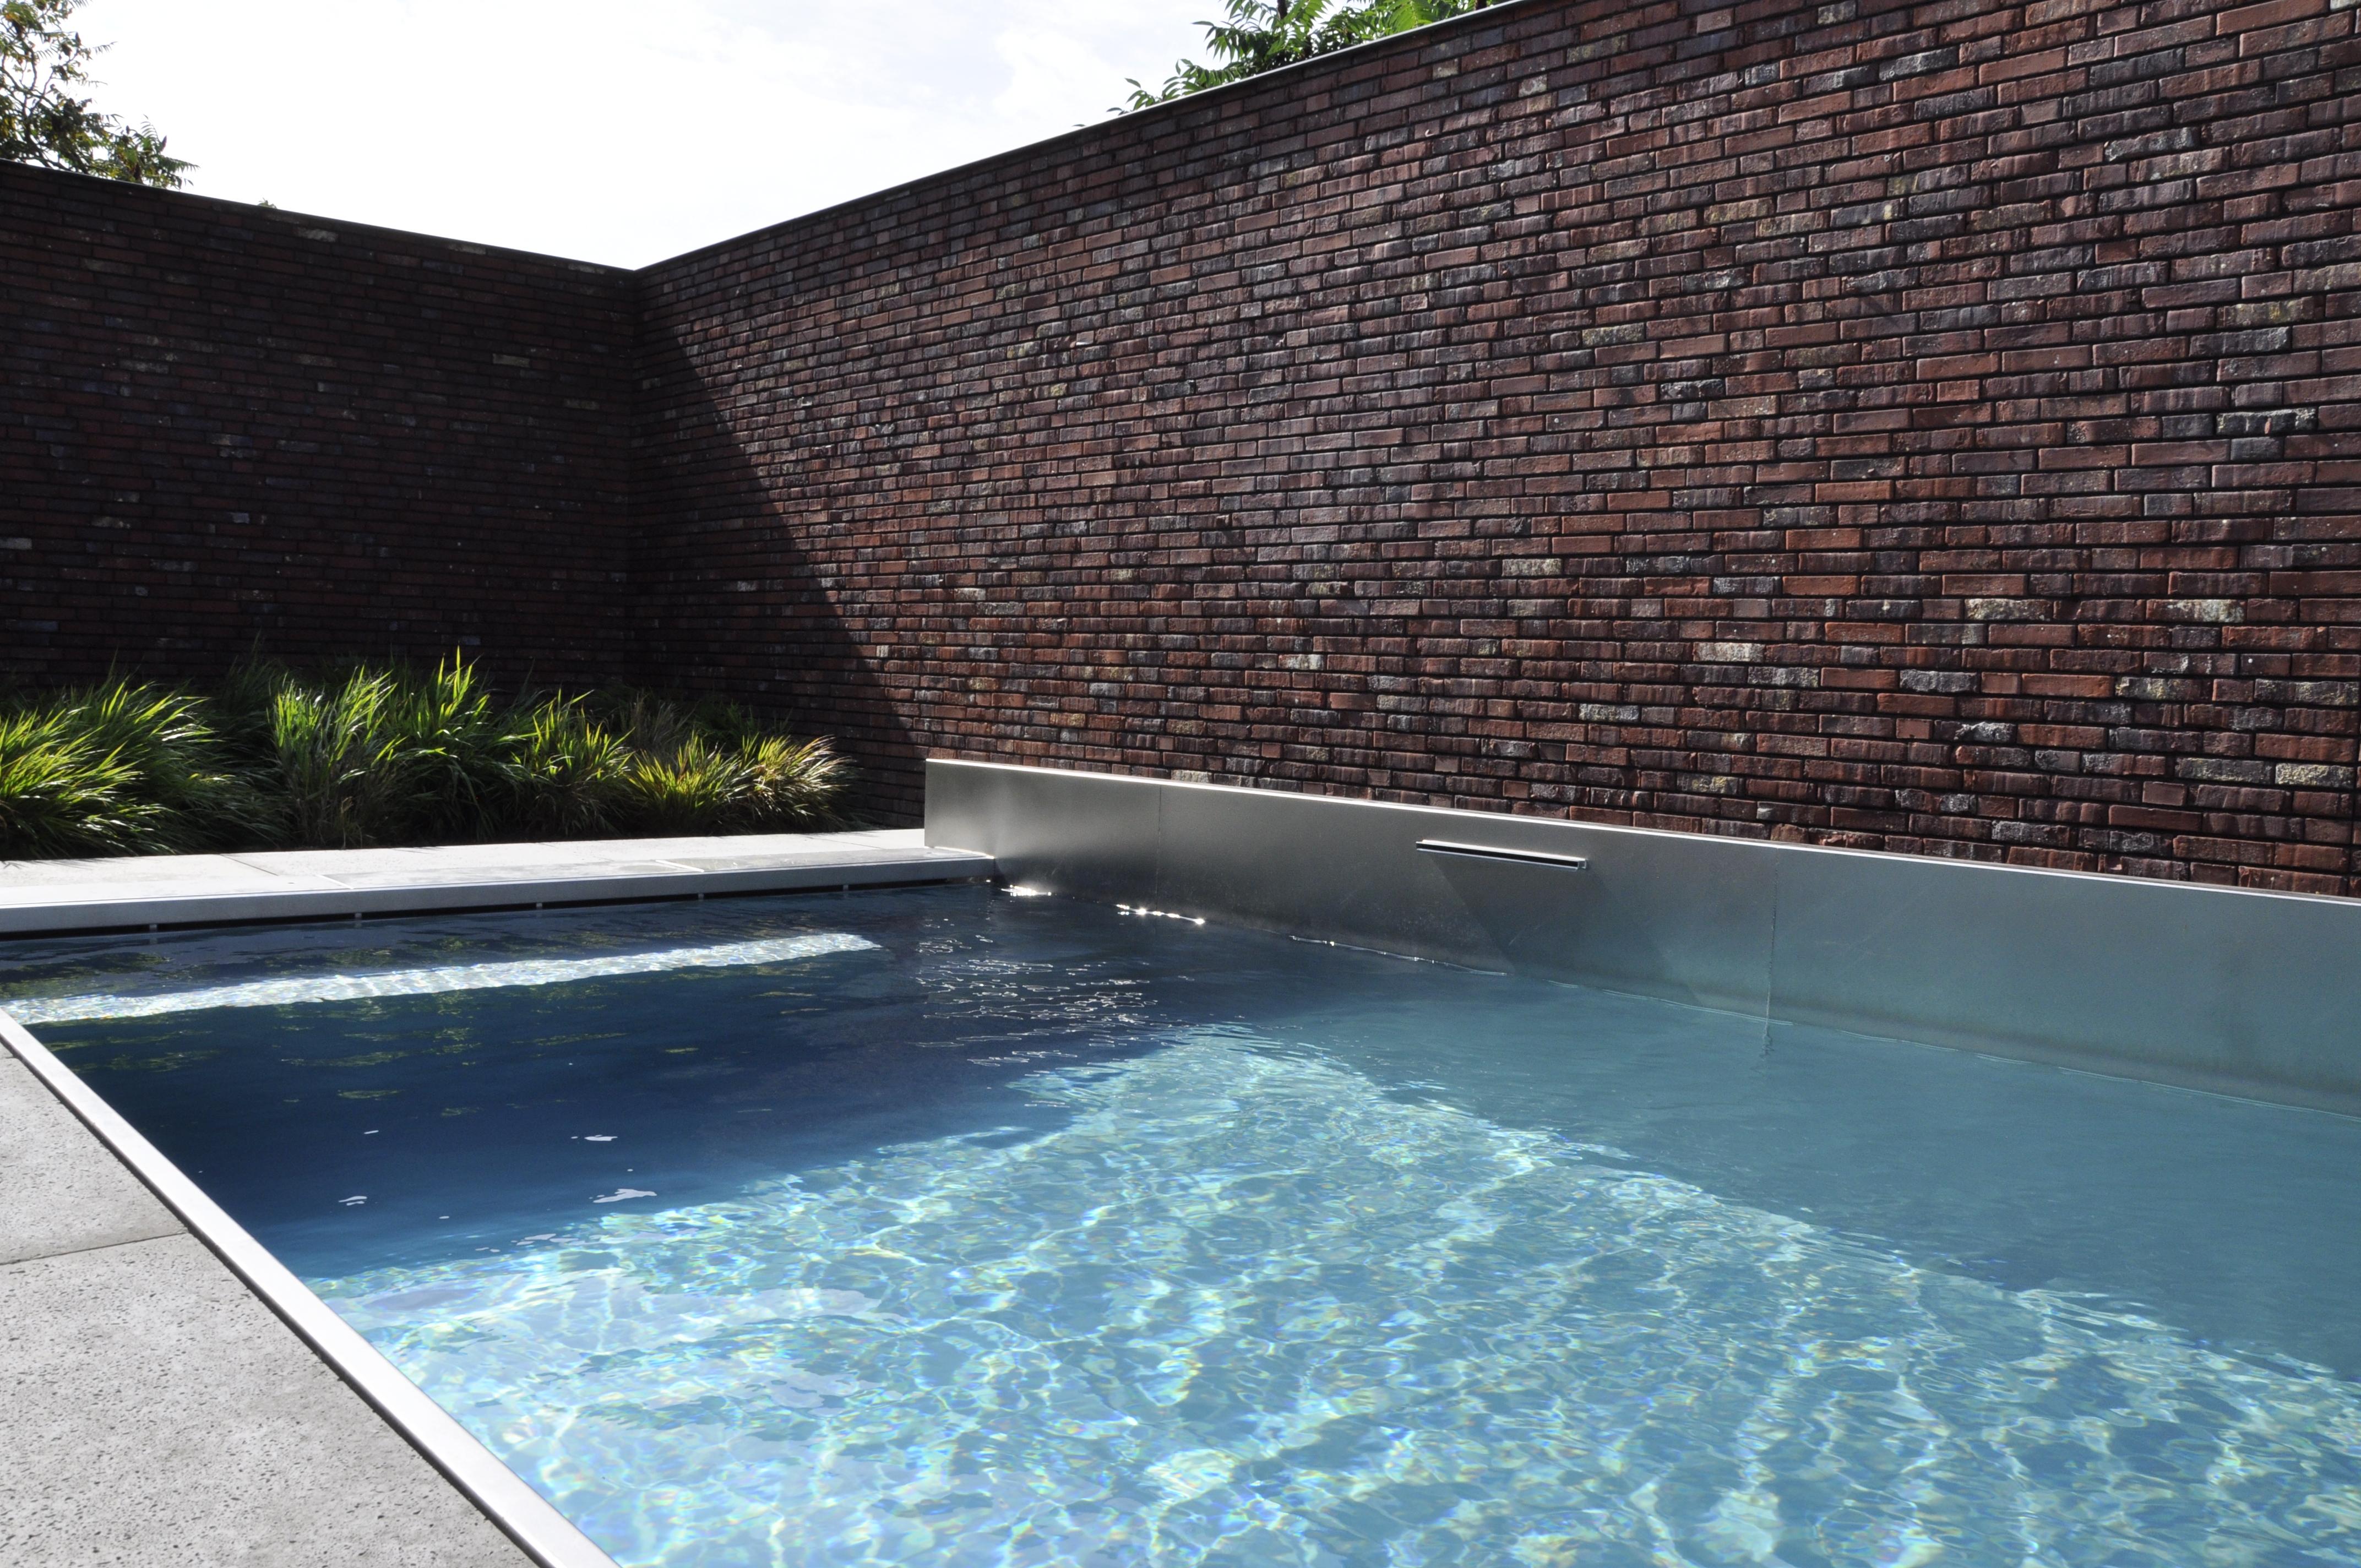 Inox zwembad met ingebouwde fontein